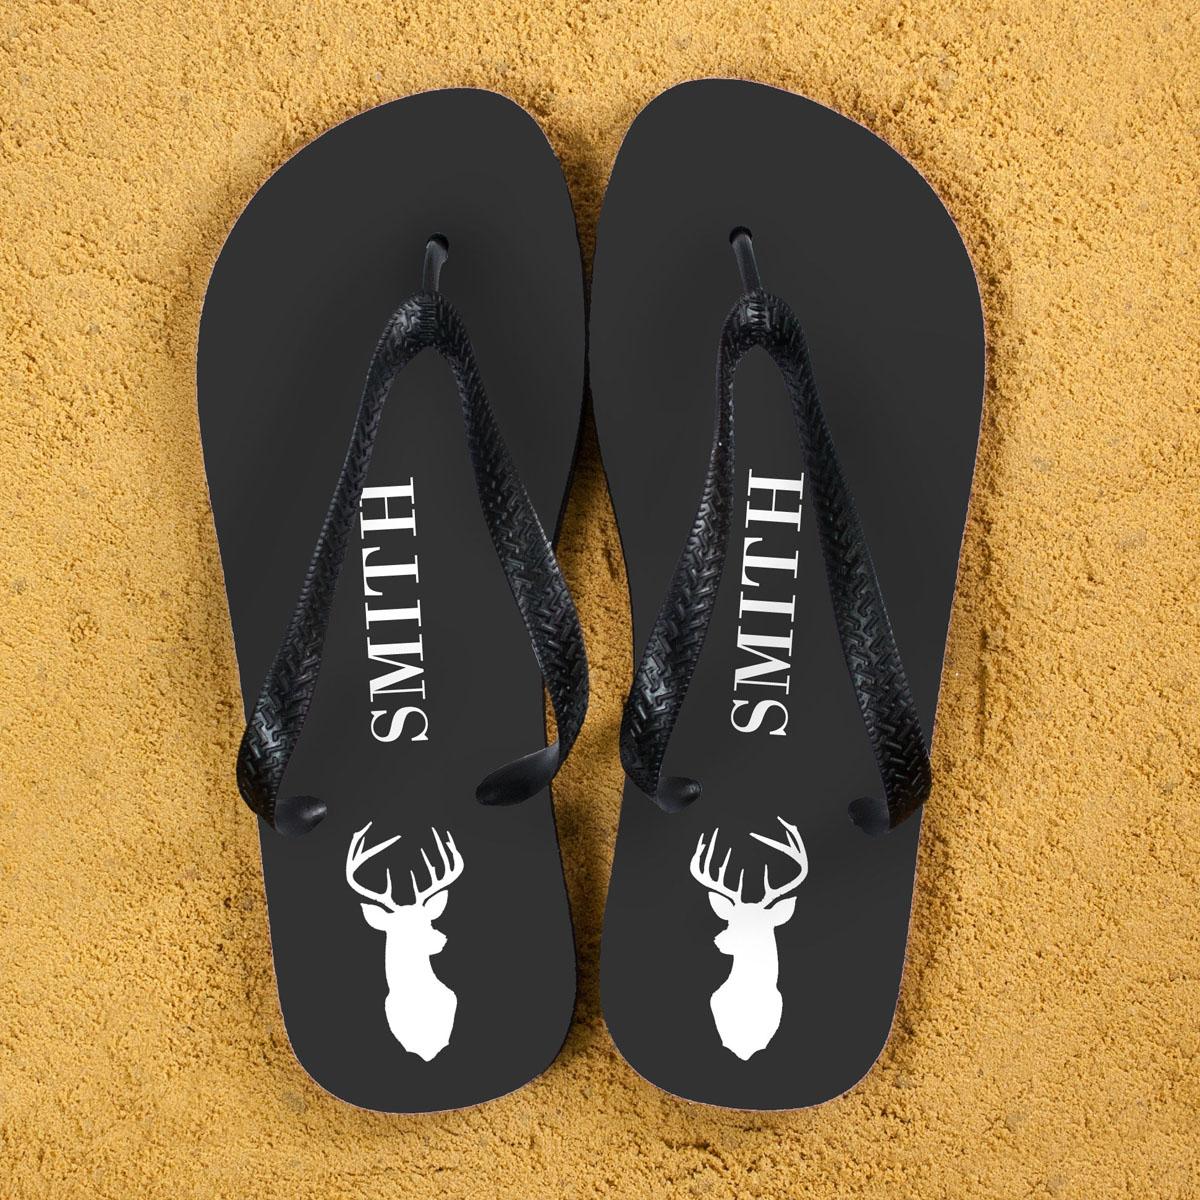 Stag Personalised Flip Flops in Grey